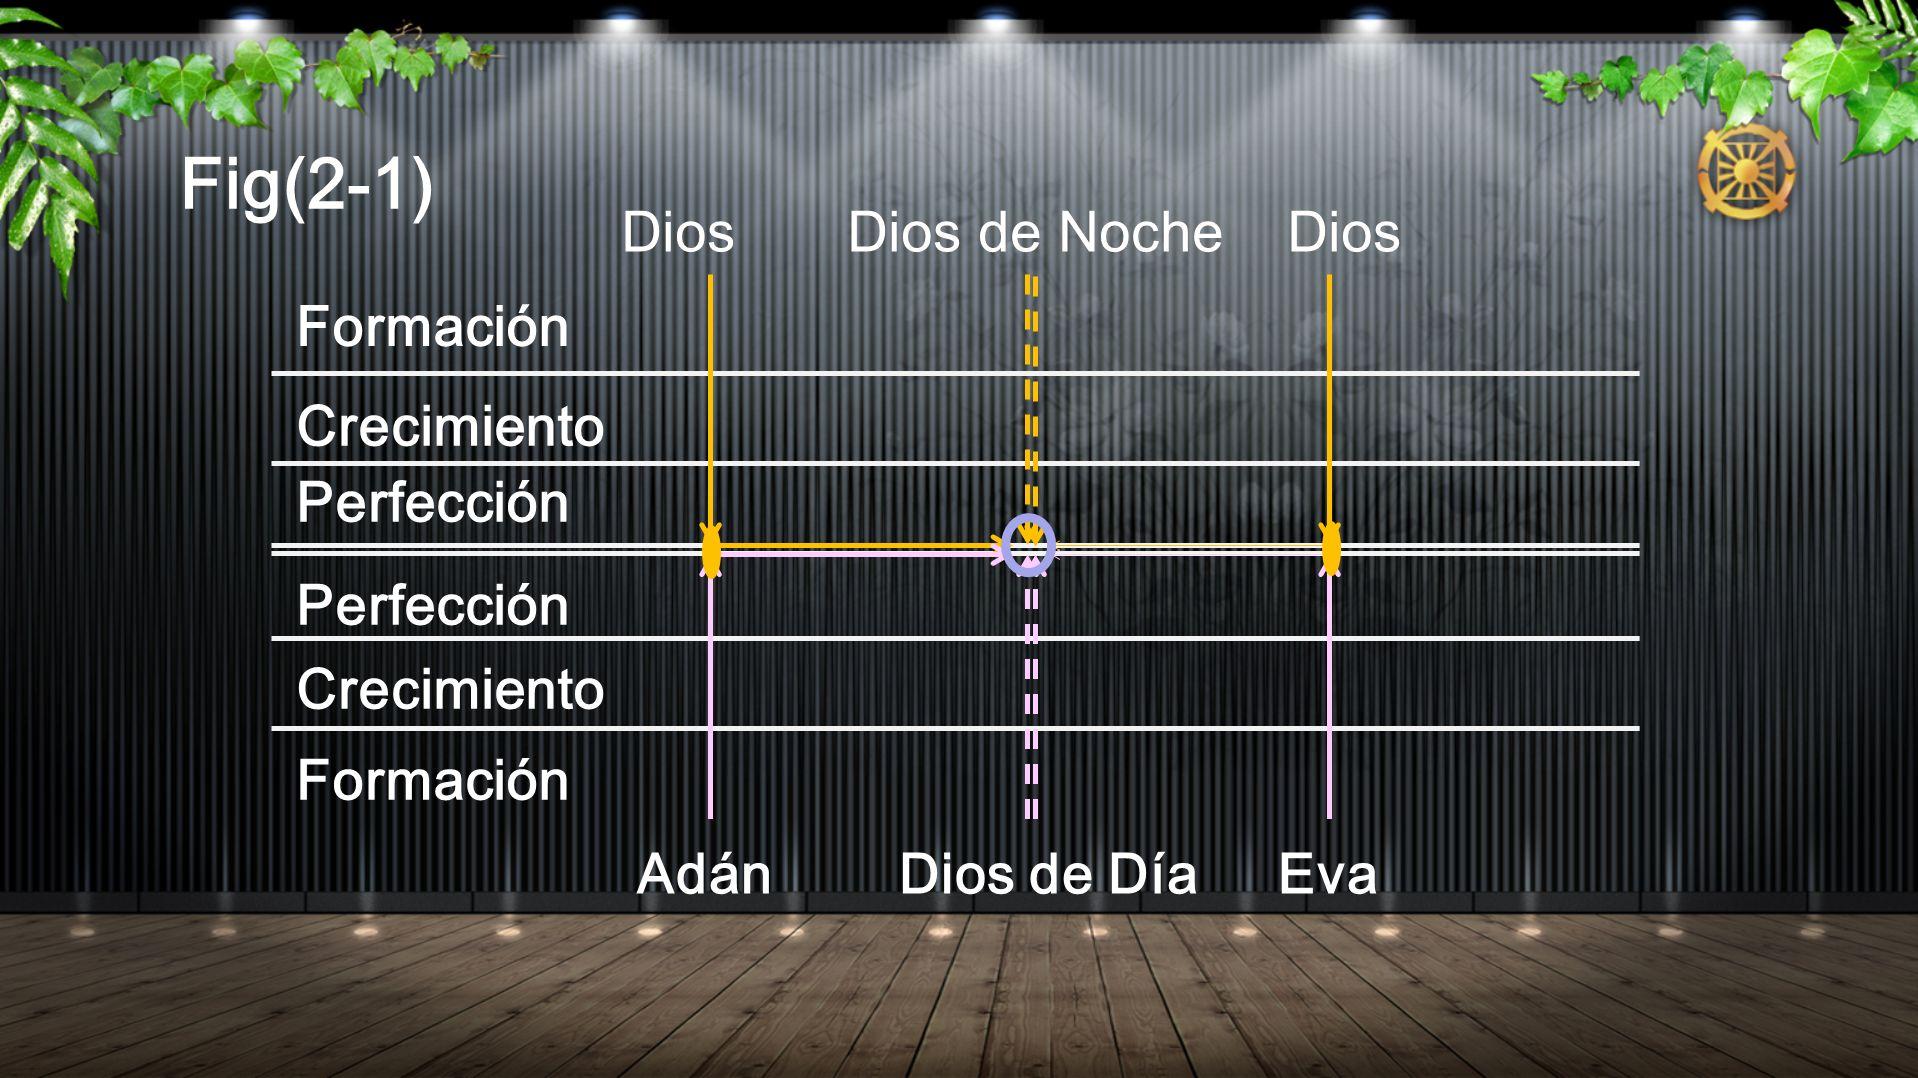 Fig(2-1) Dios Dios de Noche Dios Formación Crecimiento Perfección